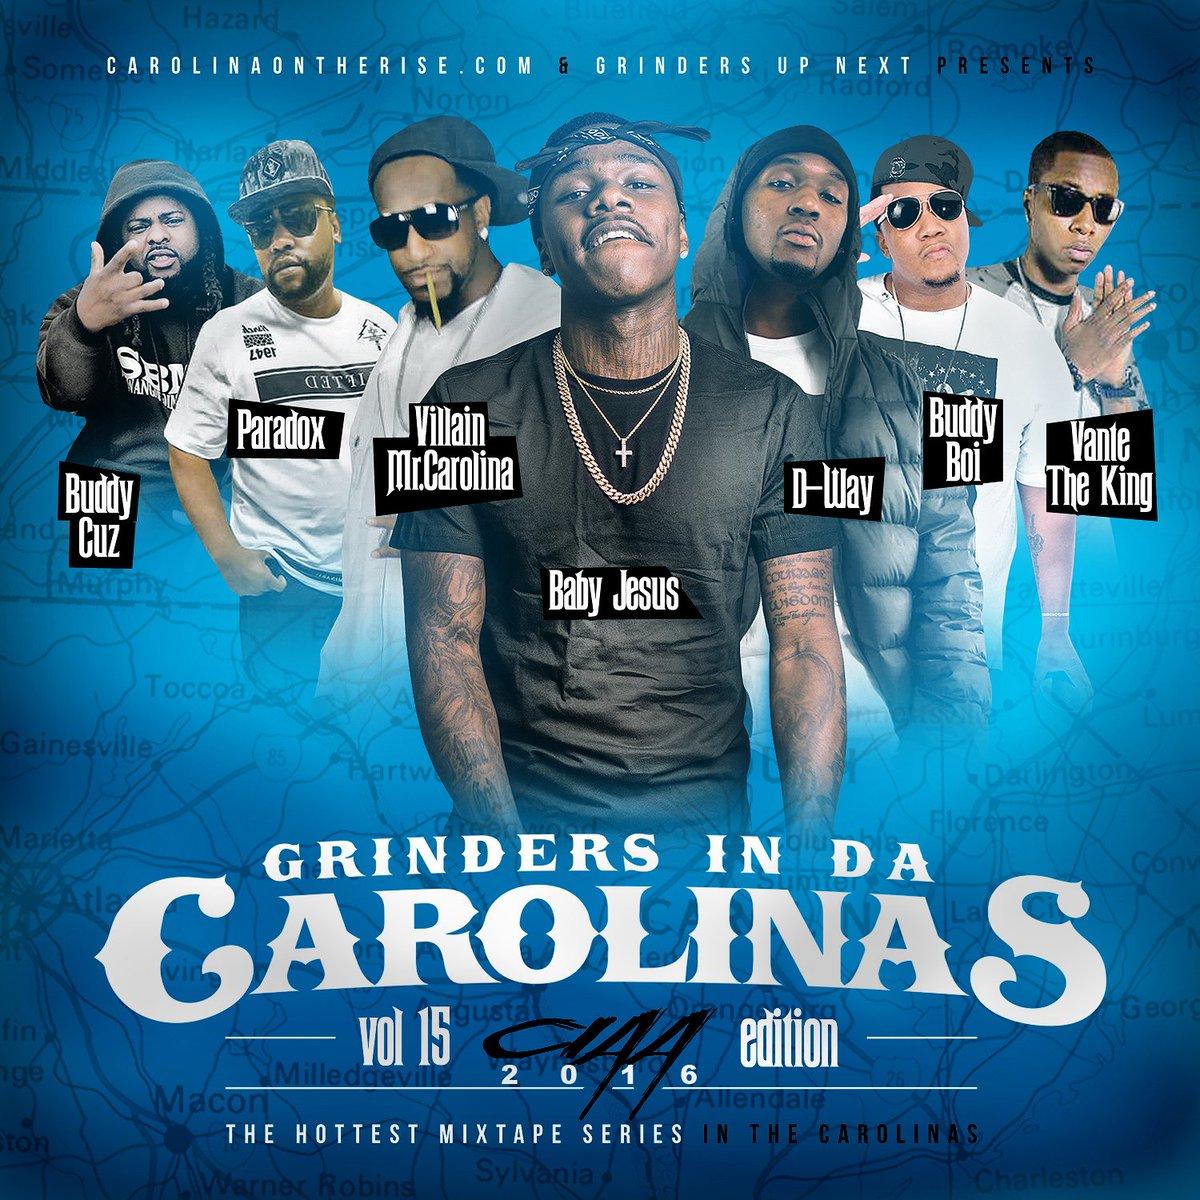 Grinders In Da Carolinas Vol. 15: #CIAA Edition will be dropping Saturday, Feb. 27th on Spinrilla. #CIAA2016 https://t.co/Ouvaec619Q